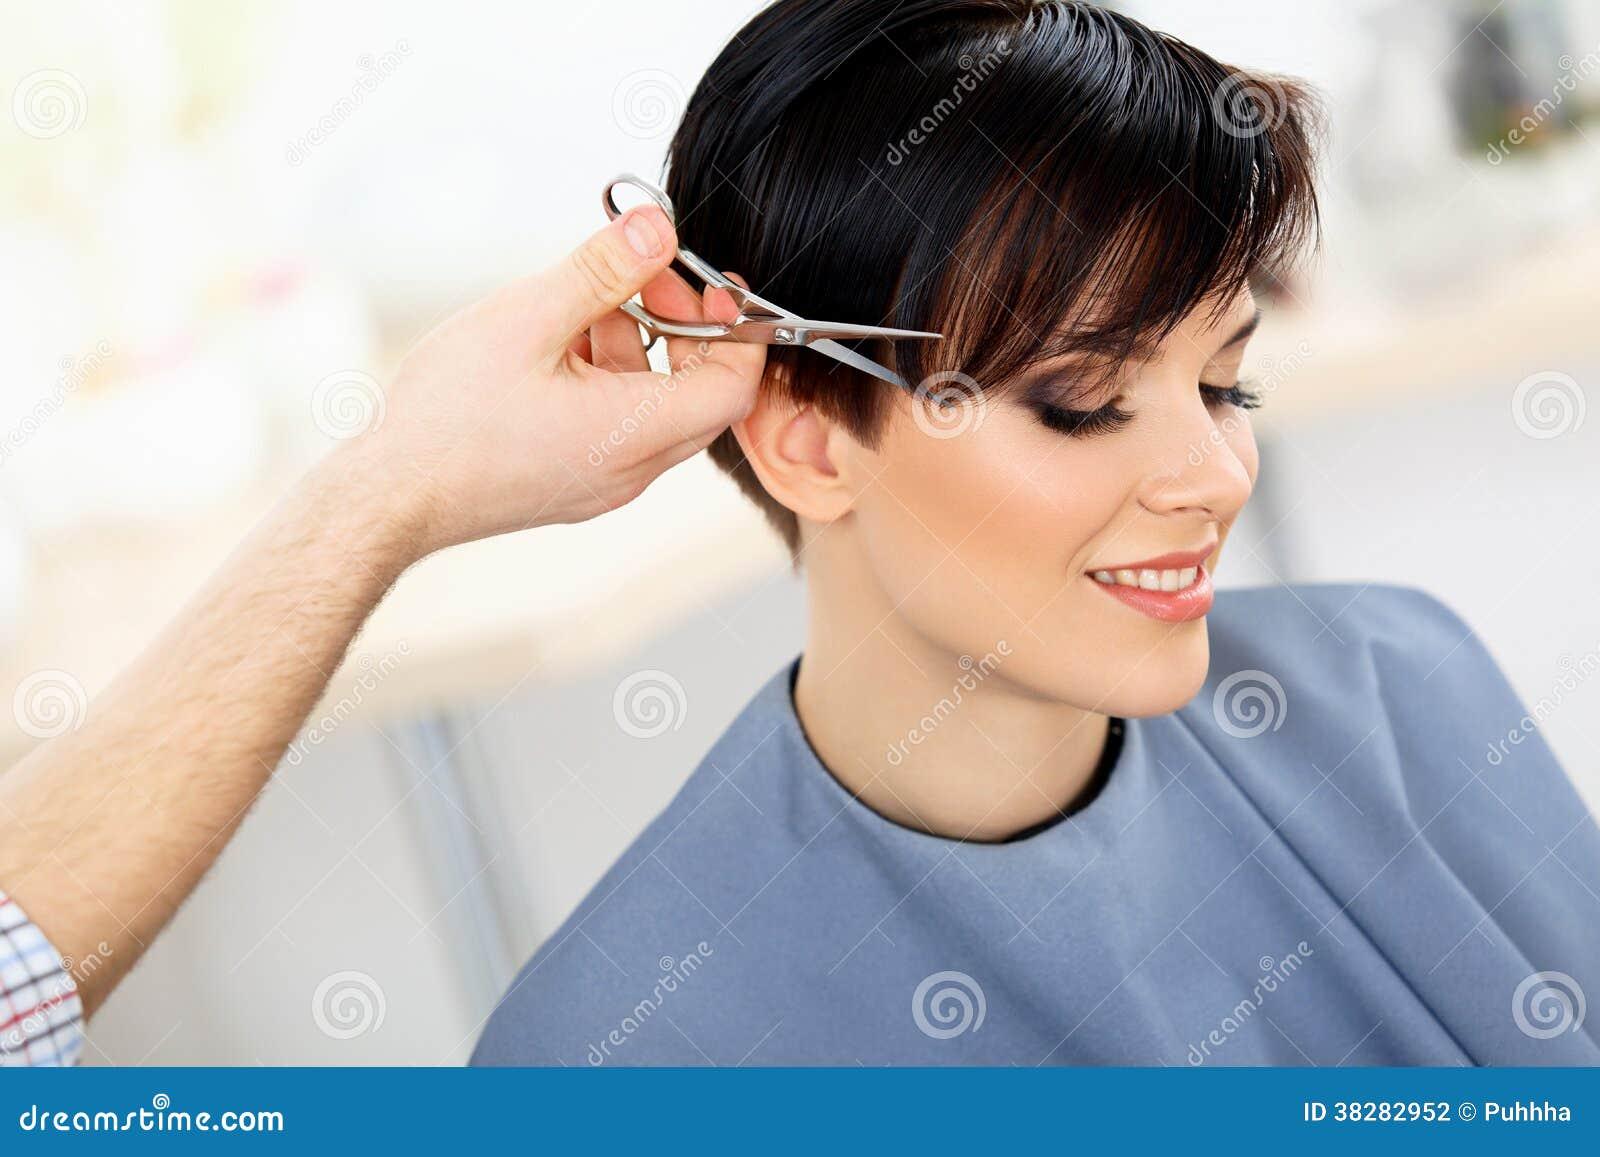 I capelli di Cutting Woman del parrucchiere nel salone di bellezza. Taglio di capelli